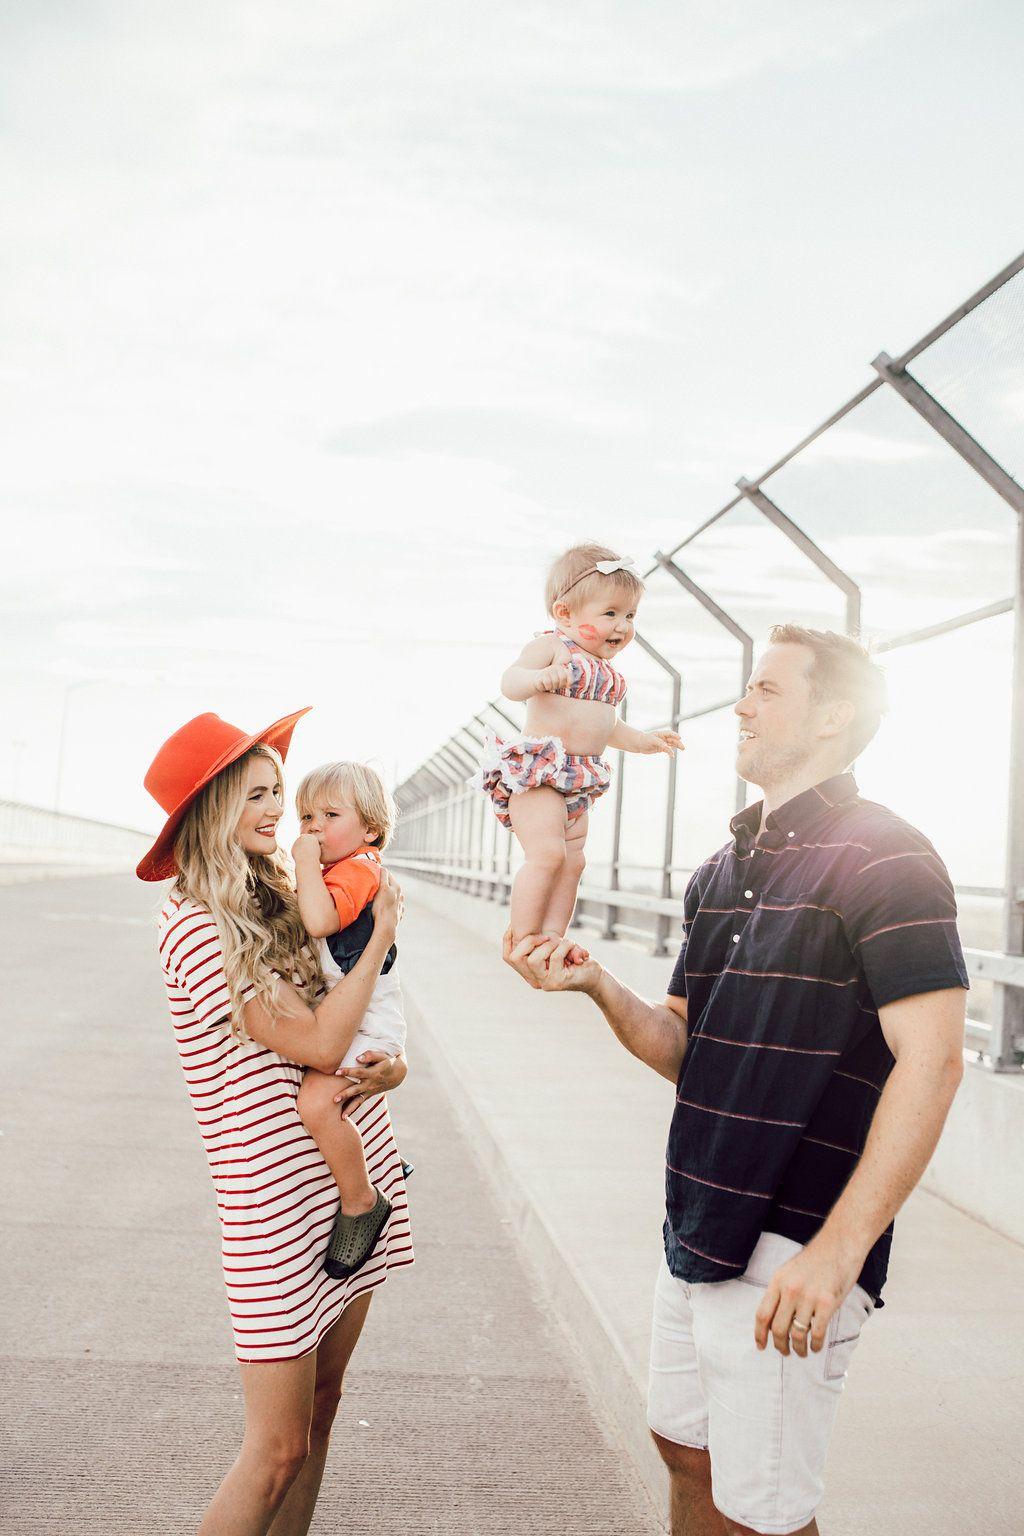 Инстаграм счастливая семья картинка